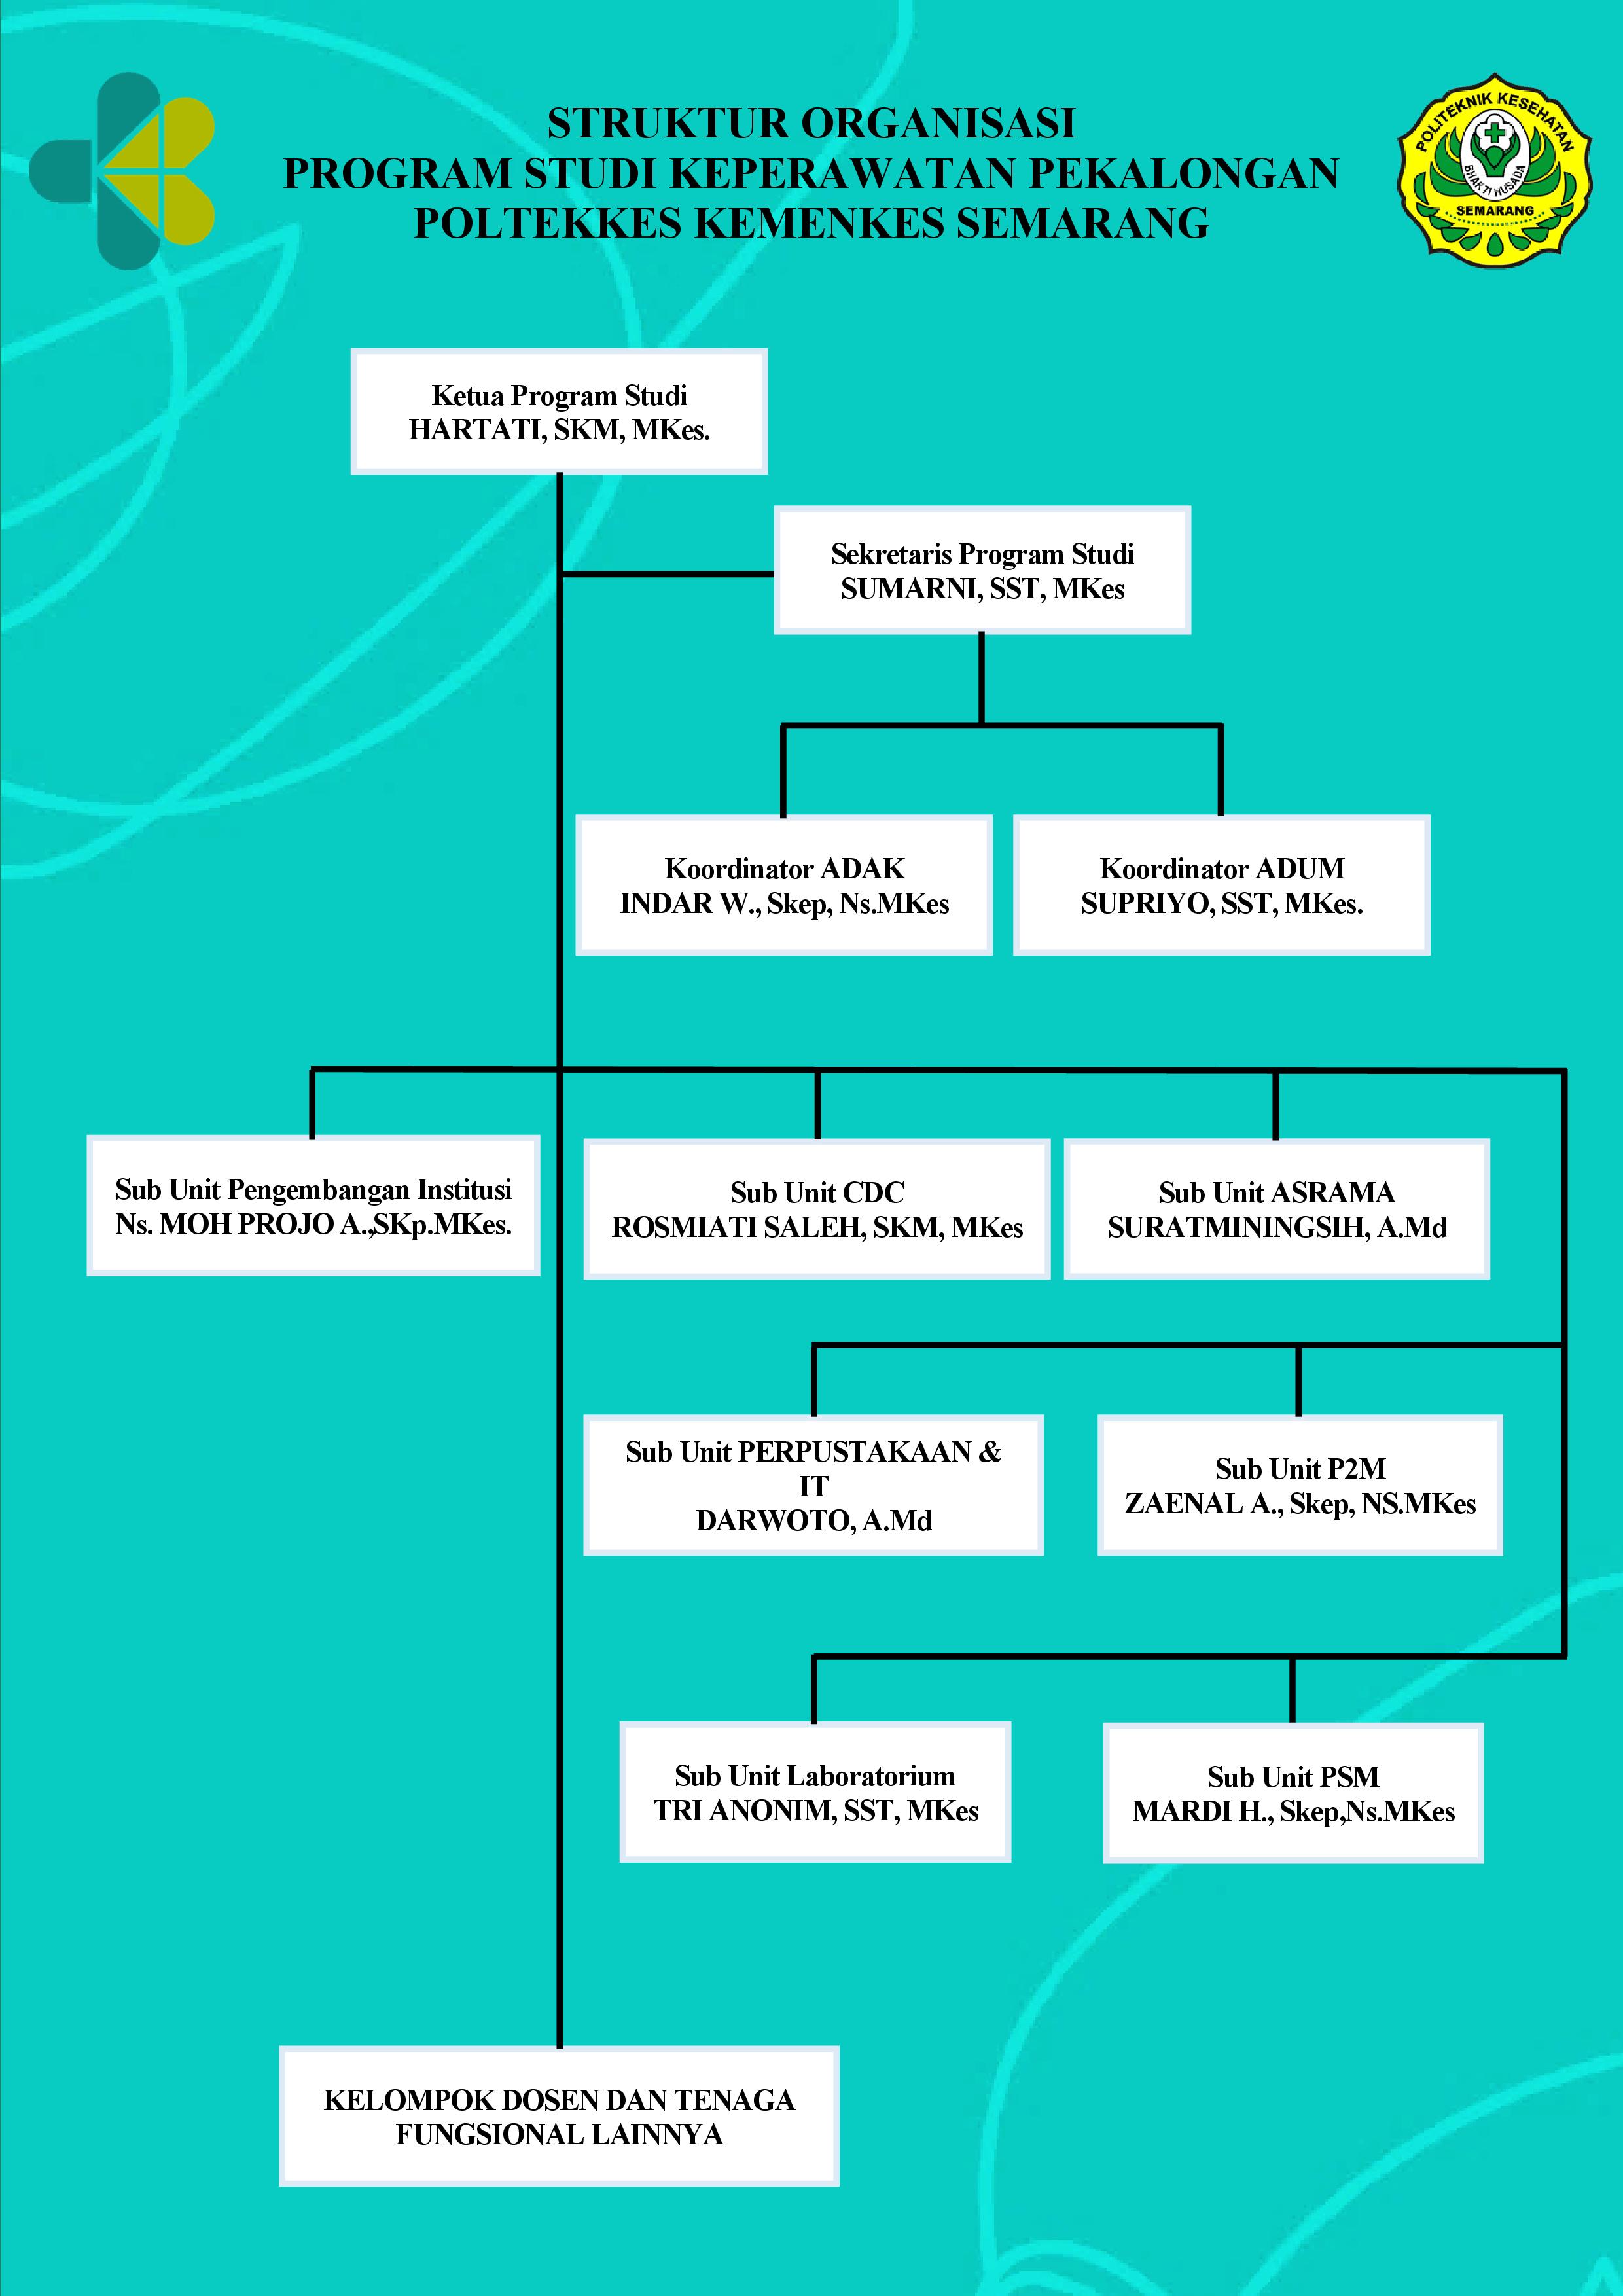 struktur organisasi-min